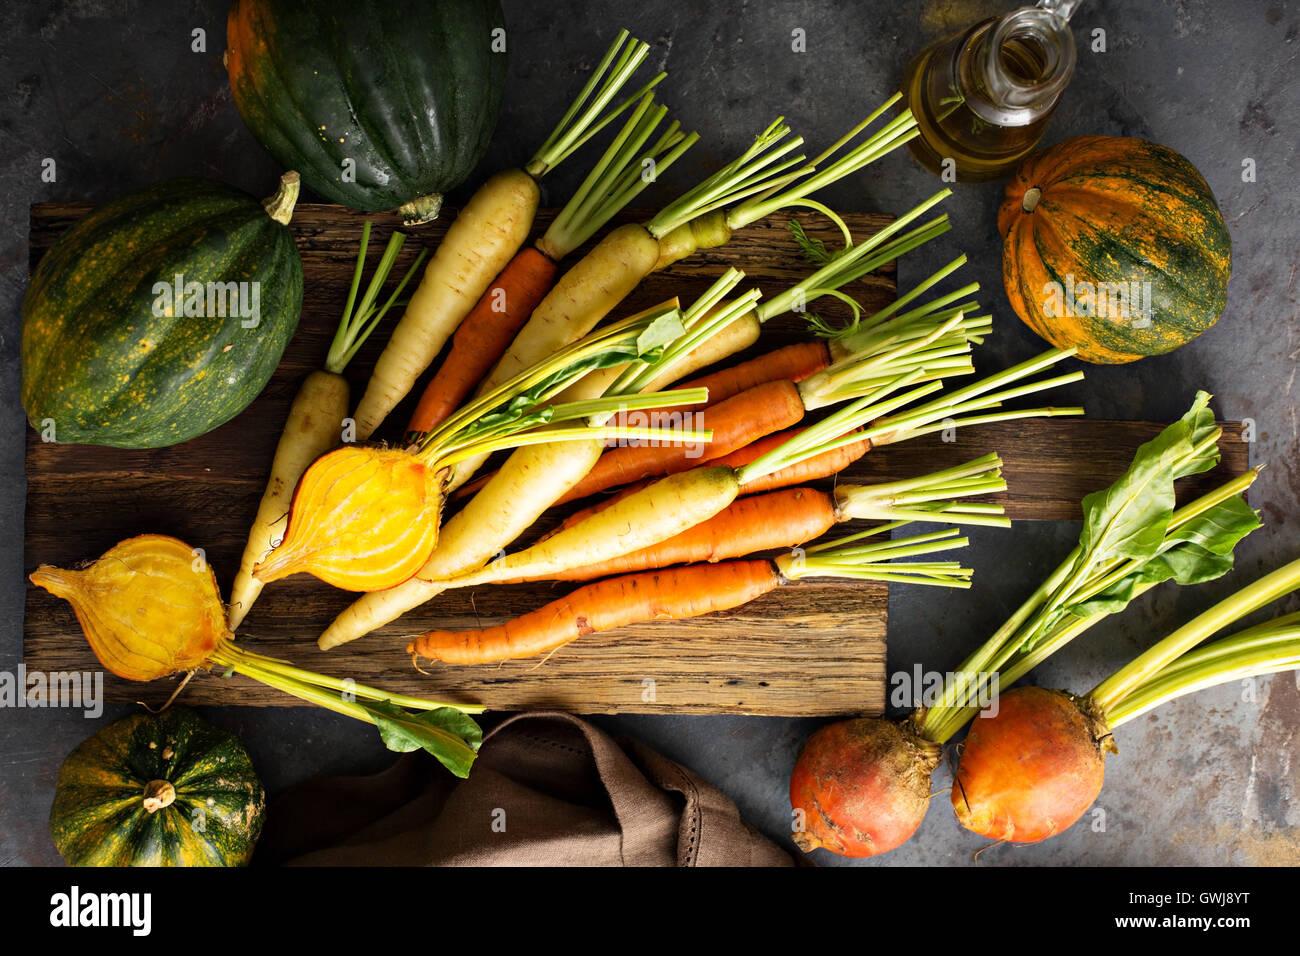 Gros tas de produire de l'automne prête à être cuite Photo Stock